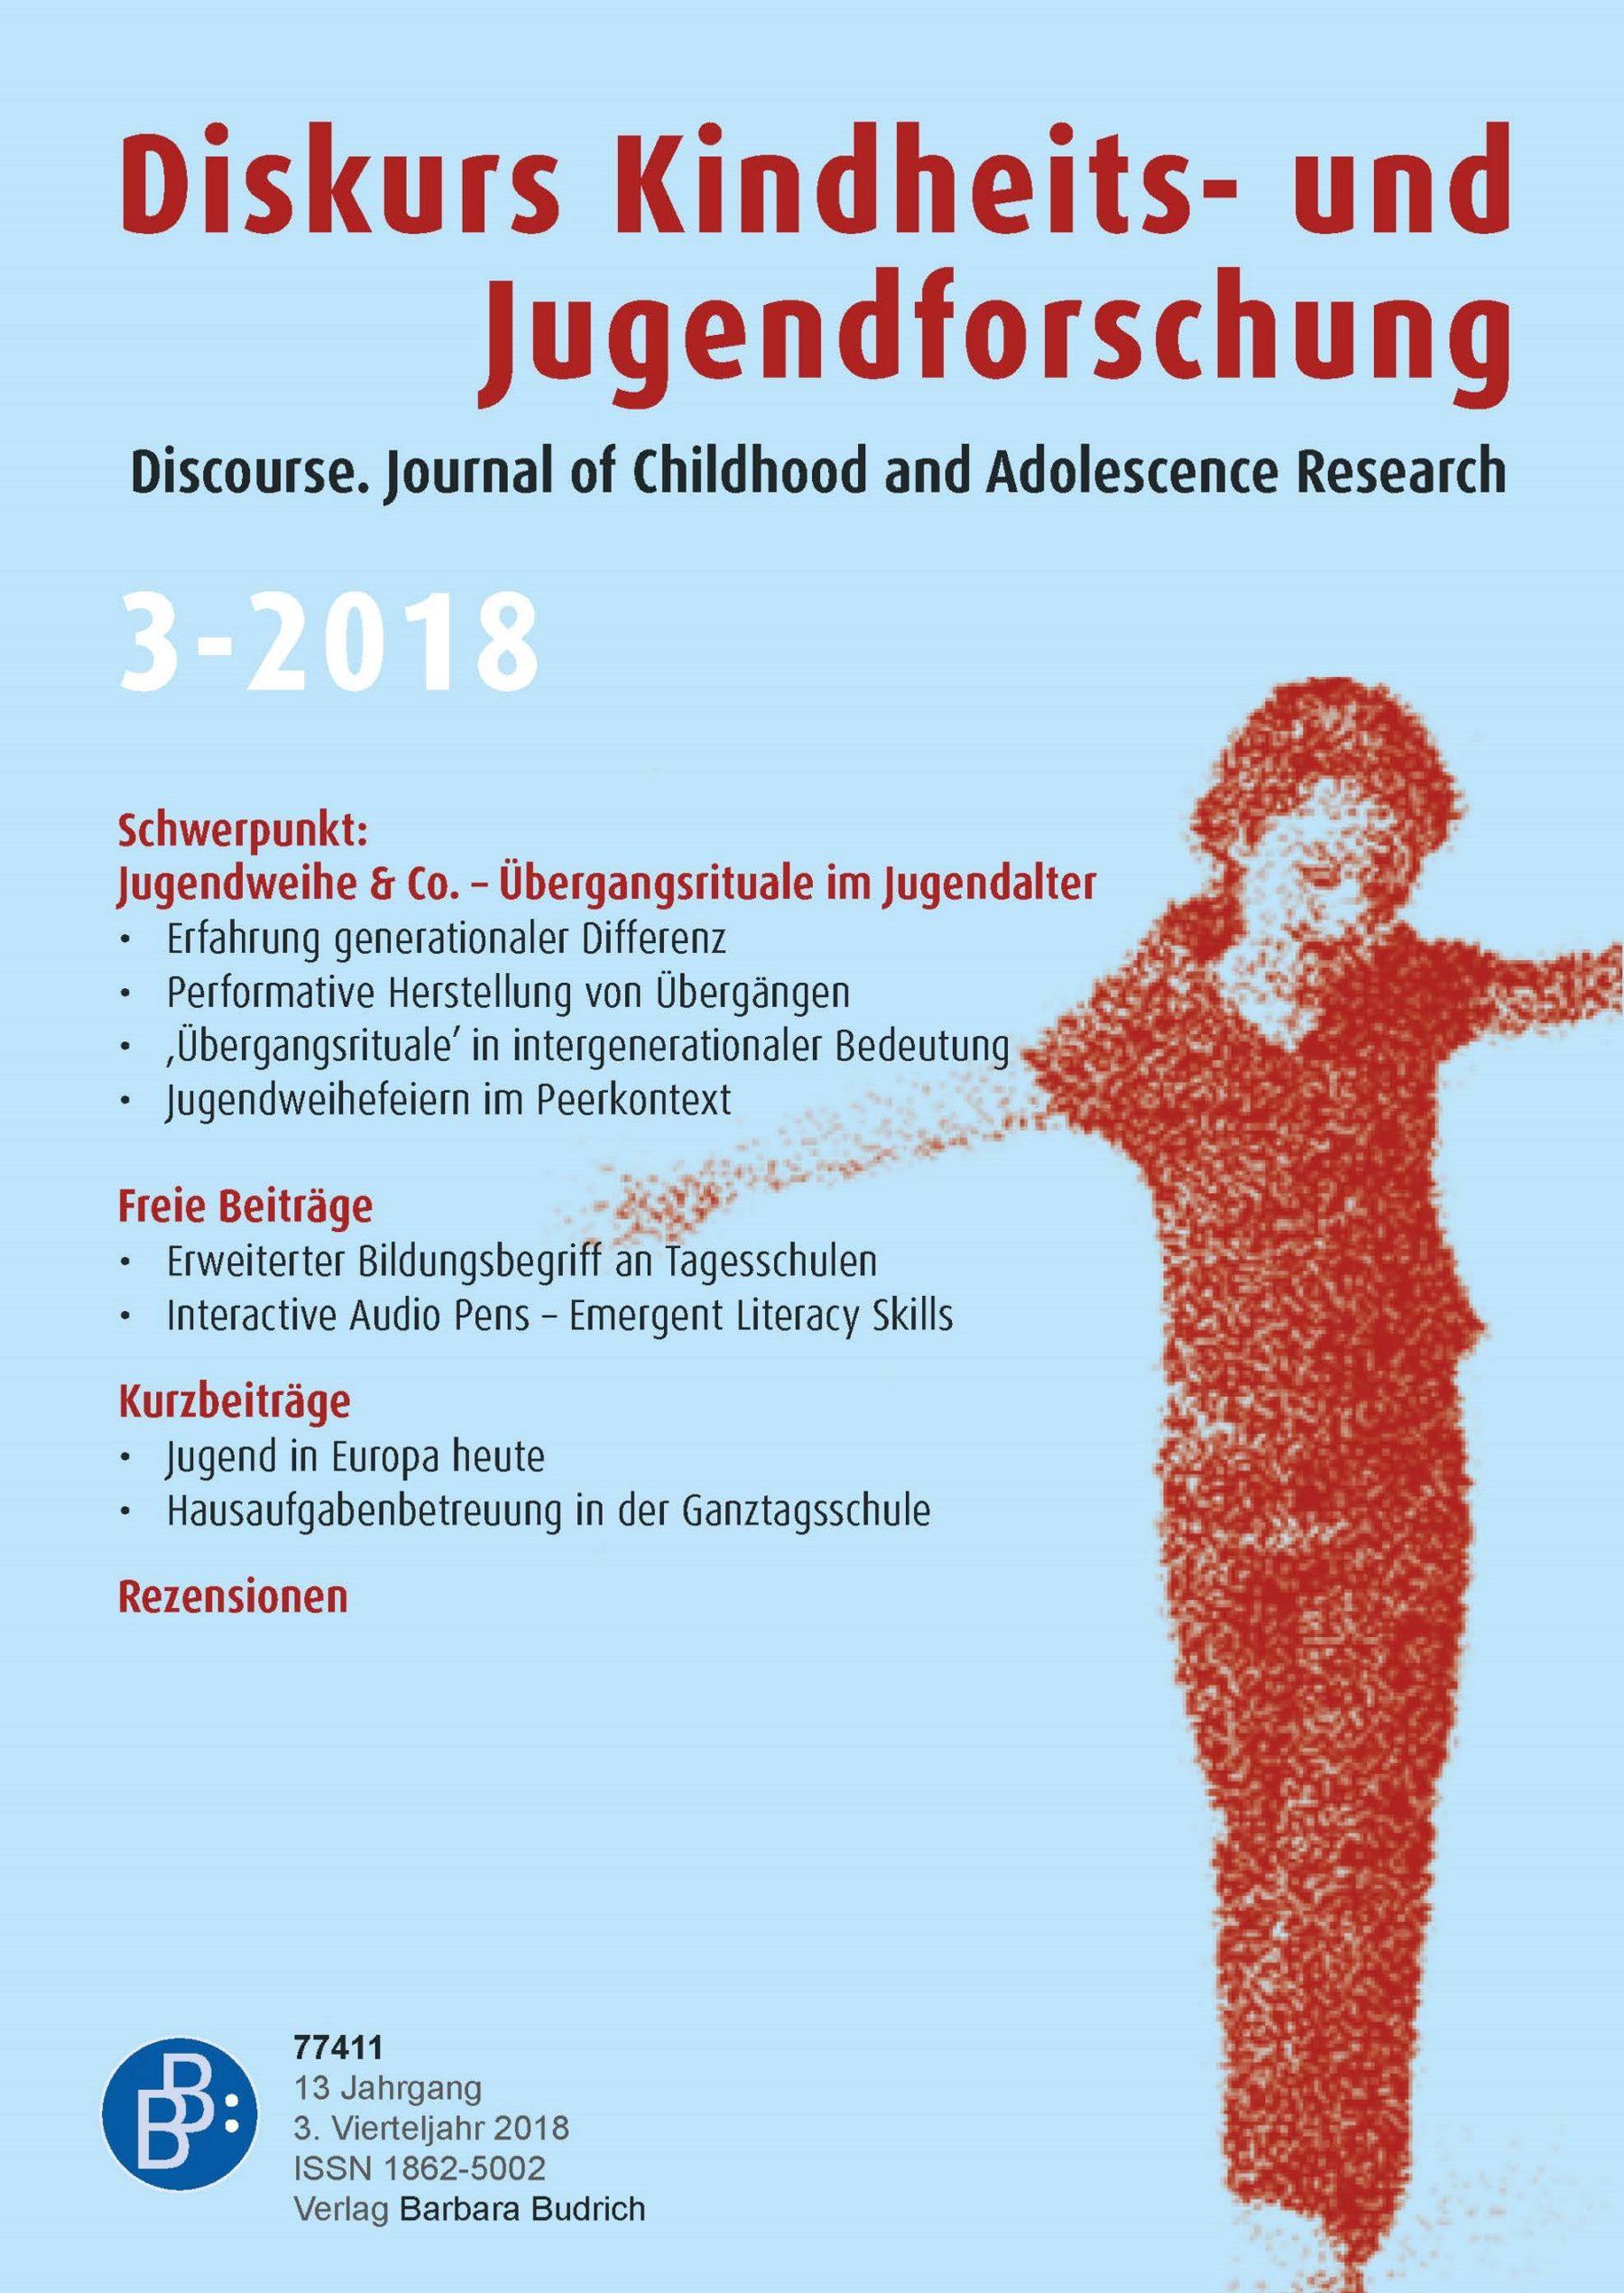 Diskurs 3-2018 | Jugendweihe & Co. – Übergangsrituale im Jugendalter